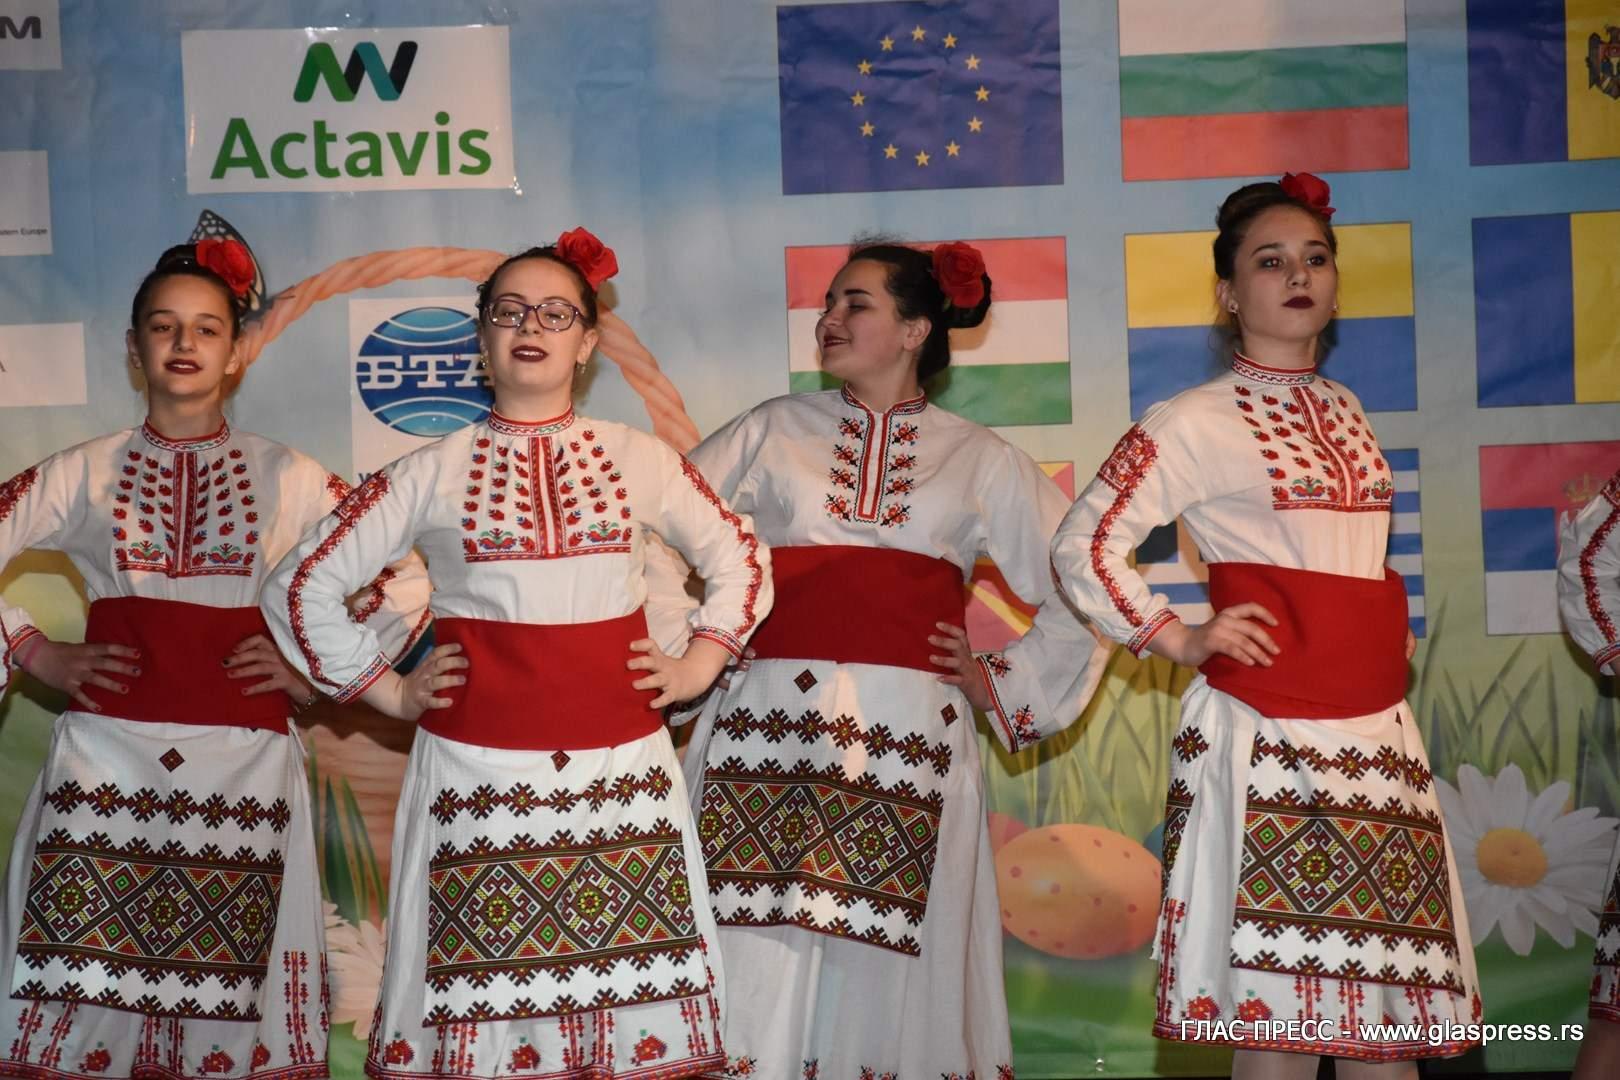 Празничен гала концерт се състоя в Културния център в Босилеград